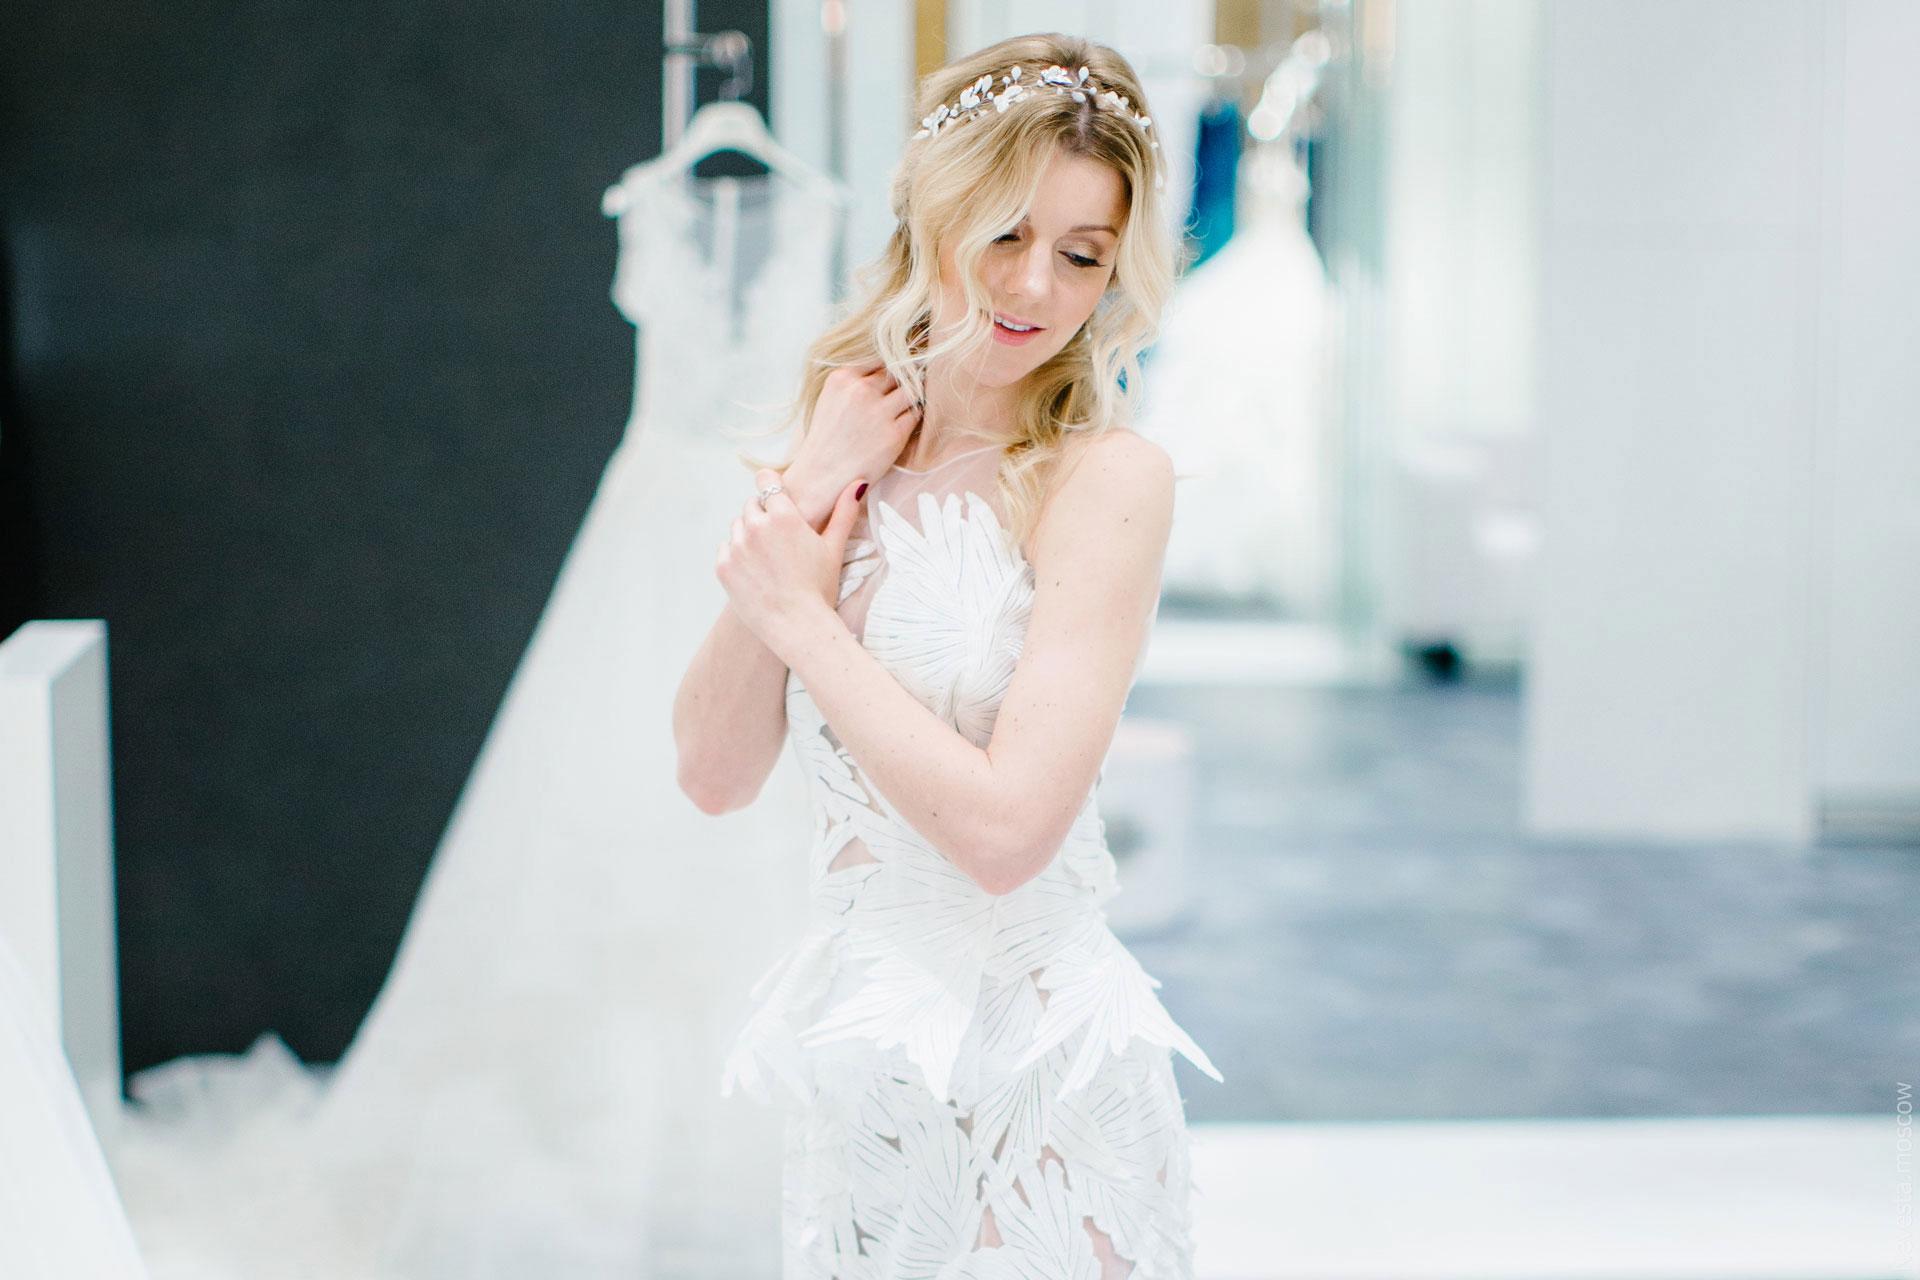 Юлианна Караулова примеряет образ для весенней свадьбы фото 14